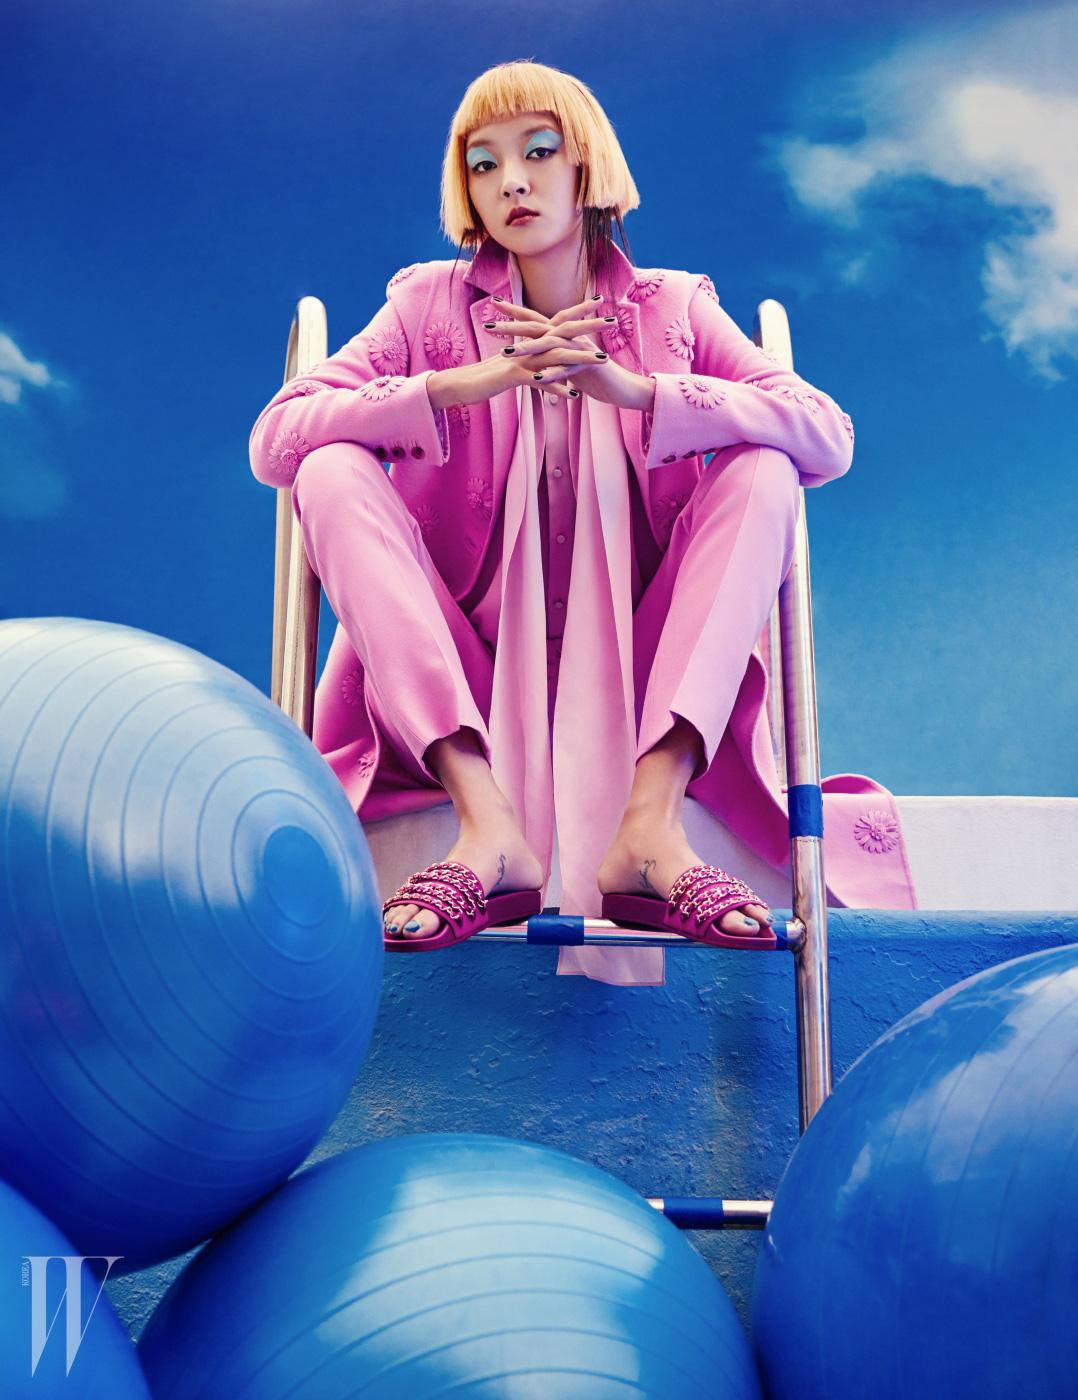 입체적인 꽃무늬 코트, 스카프 장식 블라우스, 팬츠는 모두 Valentino, 체인 장식 슬리퍼는 Chanel 제품.